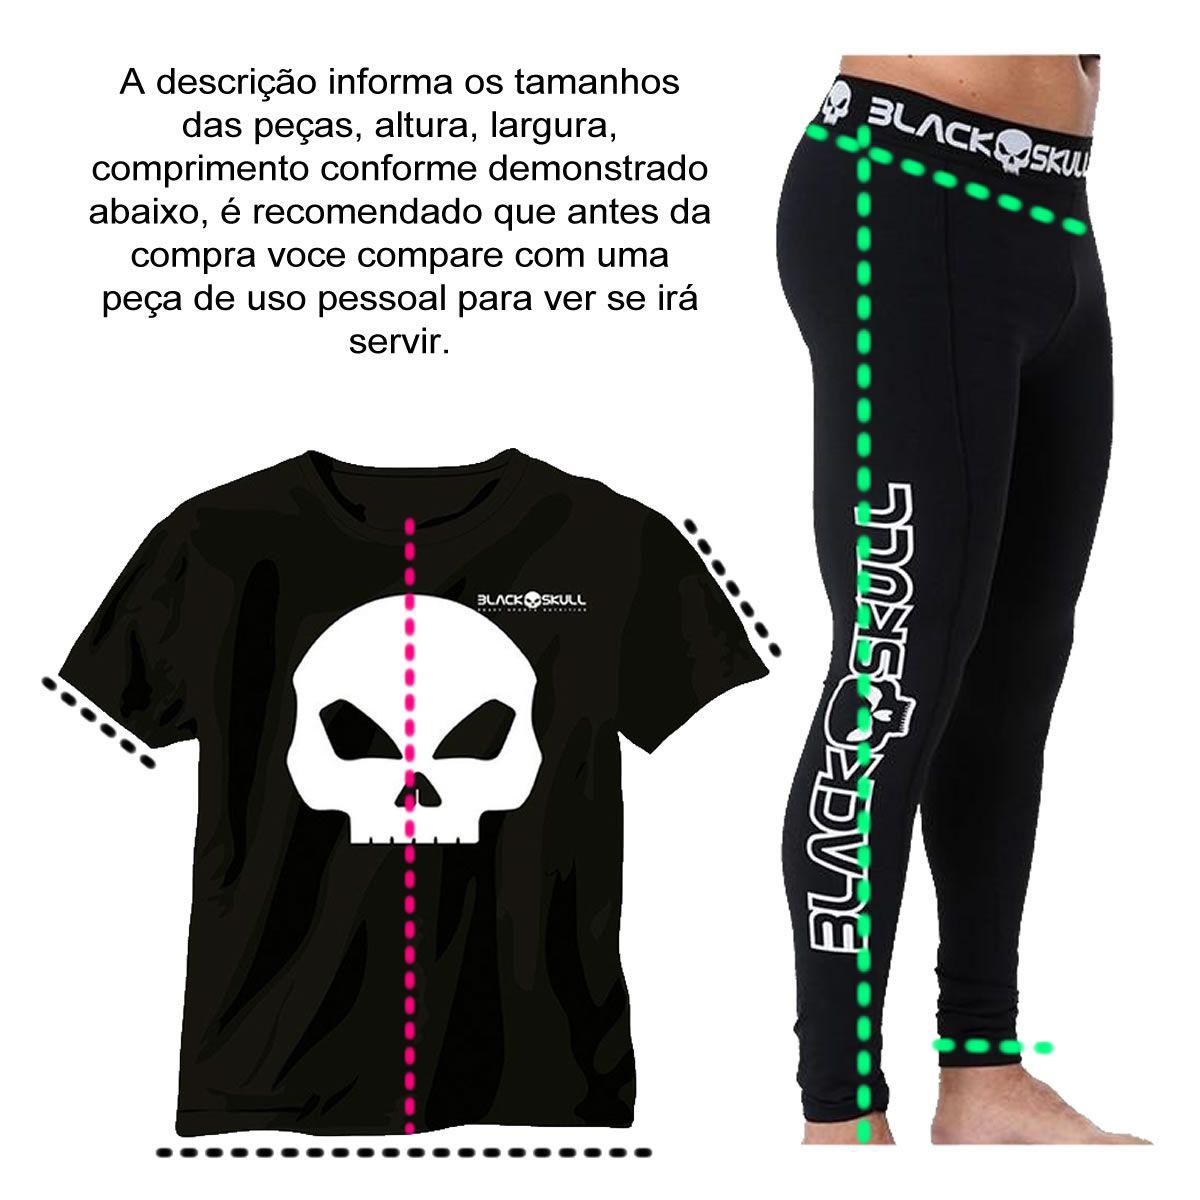 Shorts Running Preto - Black Skull